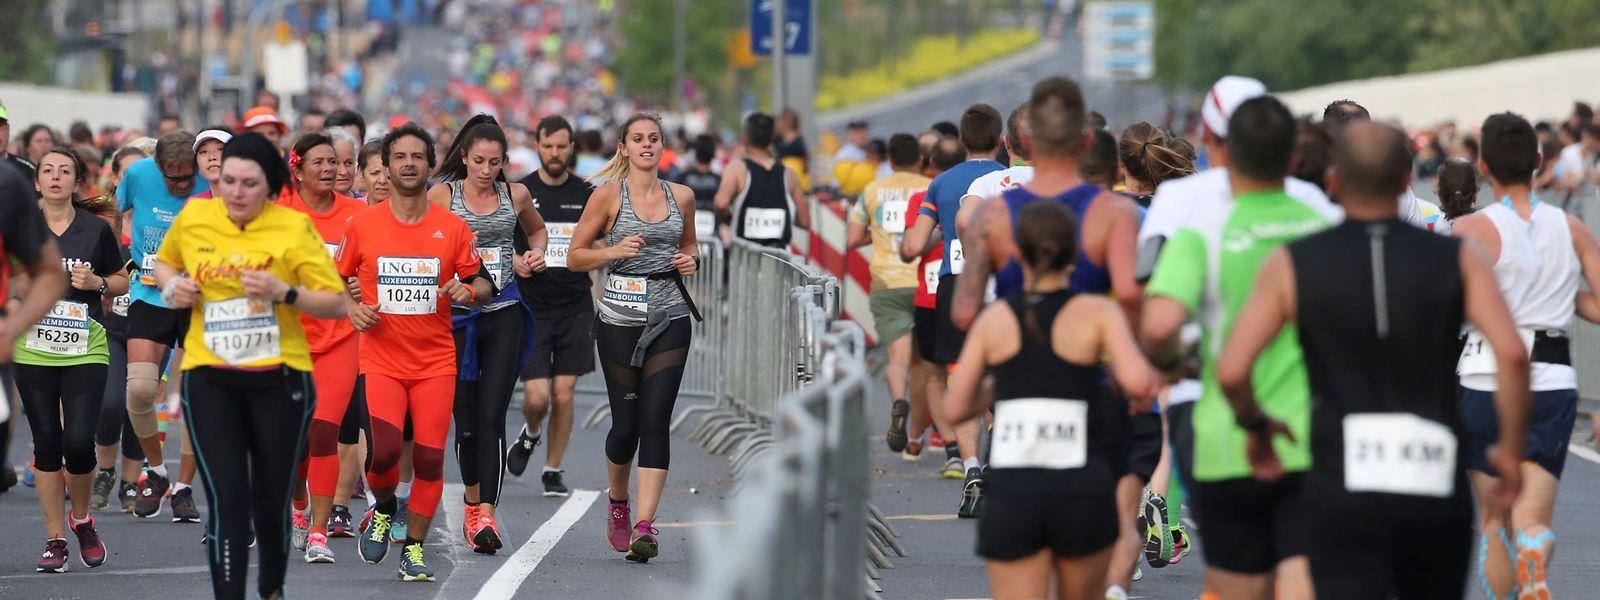 Auch in diesem Jahr müssen die Läufer wohl auf das Rennen in der Hauptstadt verzichten.